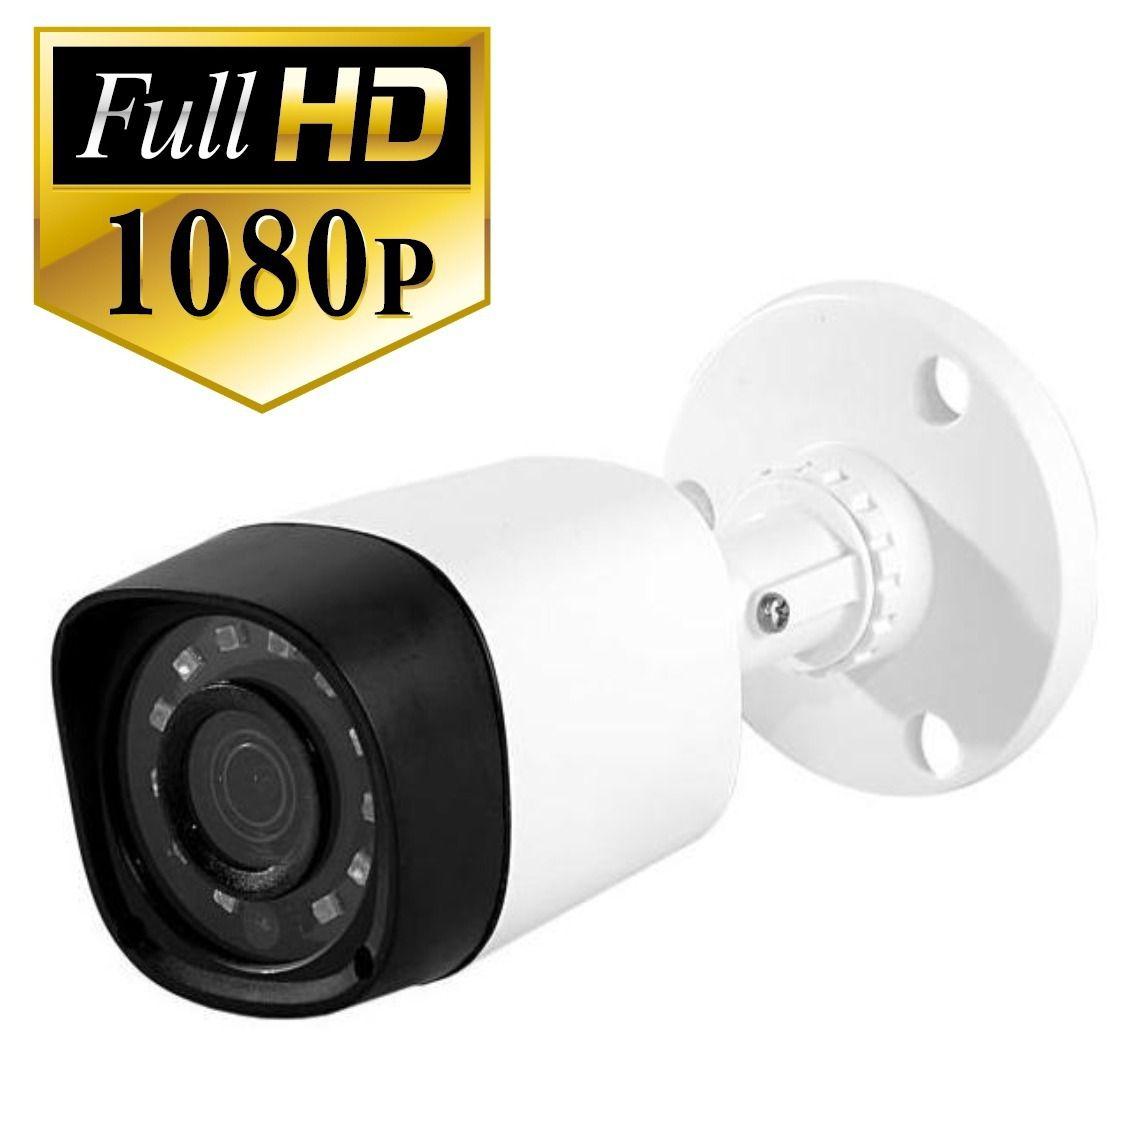 Câmera Bullet infra AHD-M Full HD 2.0 Megapixels IR CUT 30mts 2.8mm 1080p - JS Soluções em Segurança